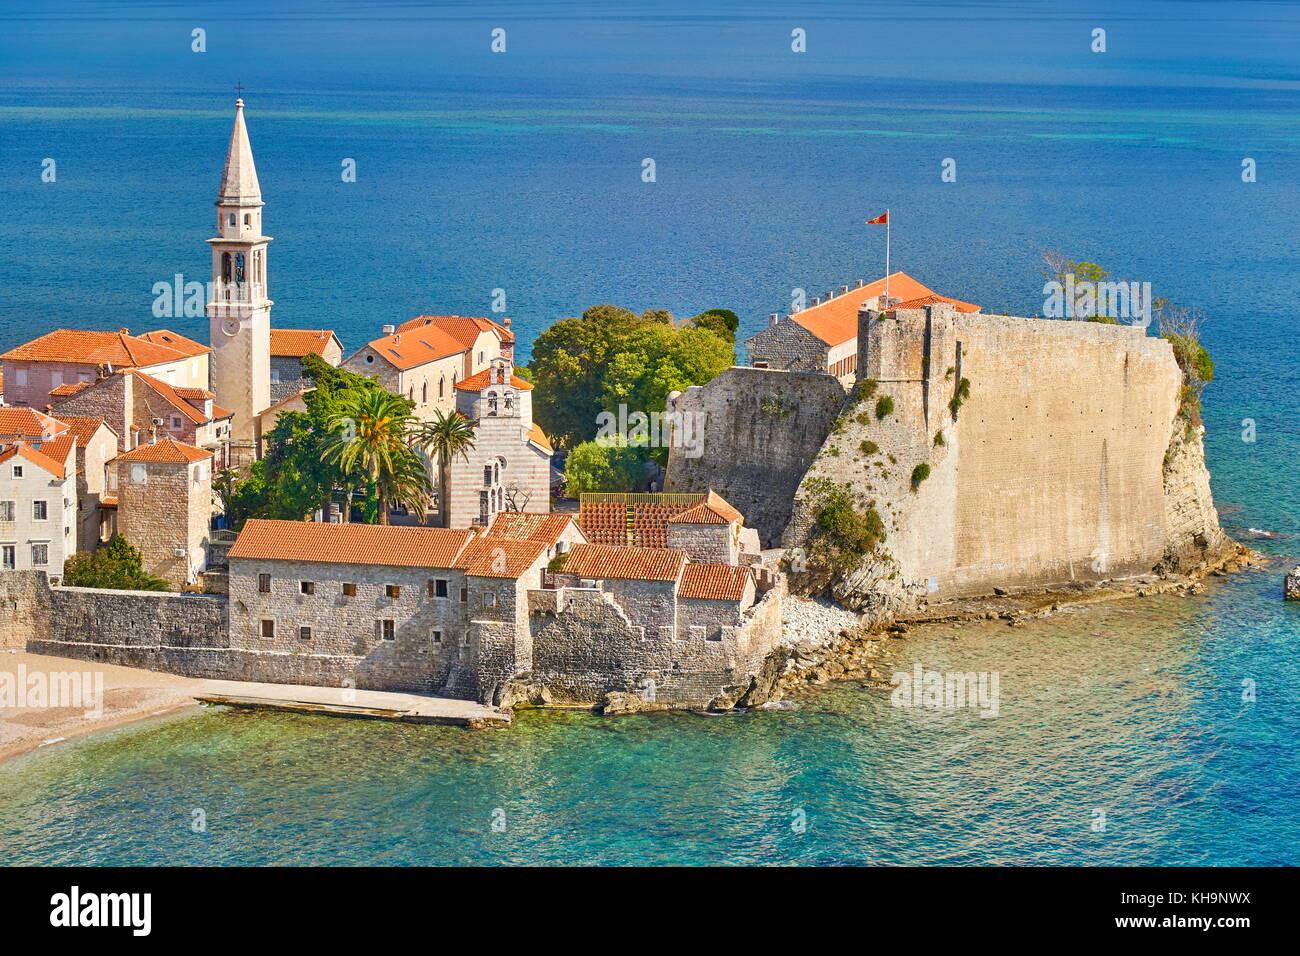 Budva Old Town, Montenegro Stock Photo